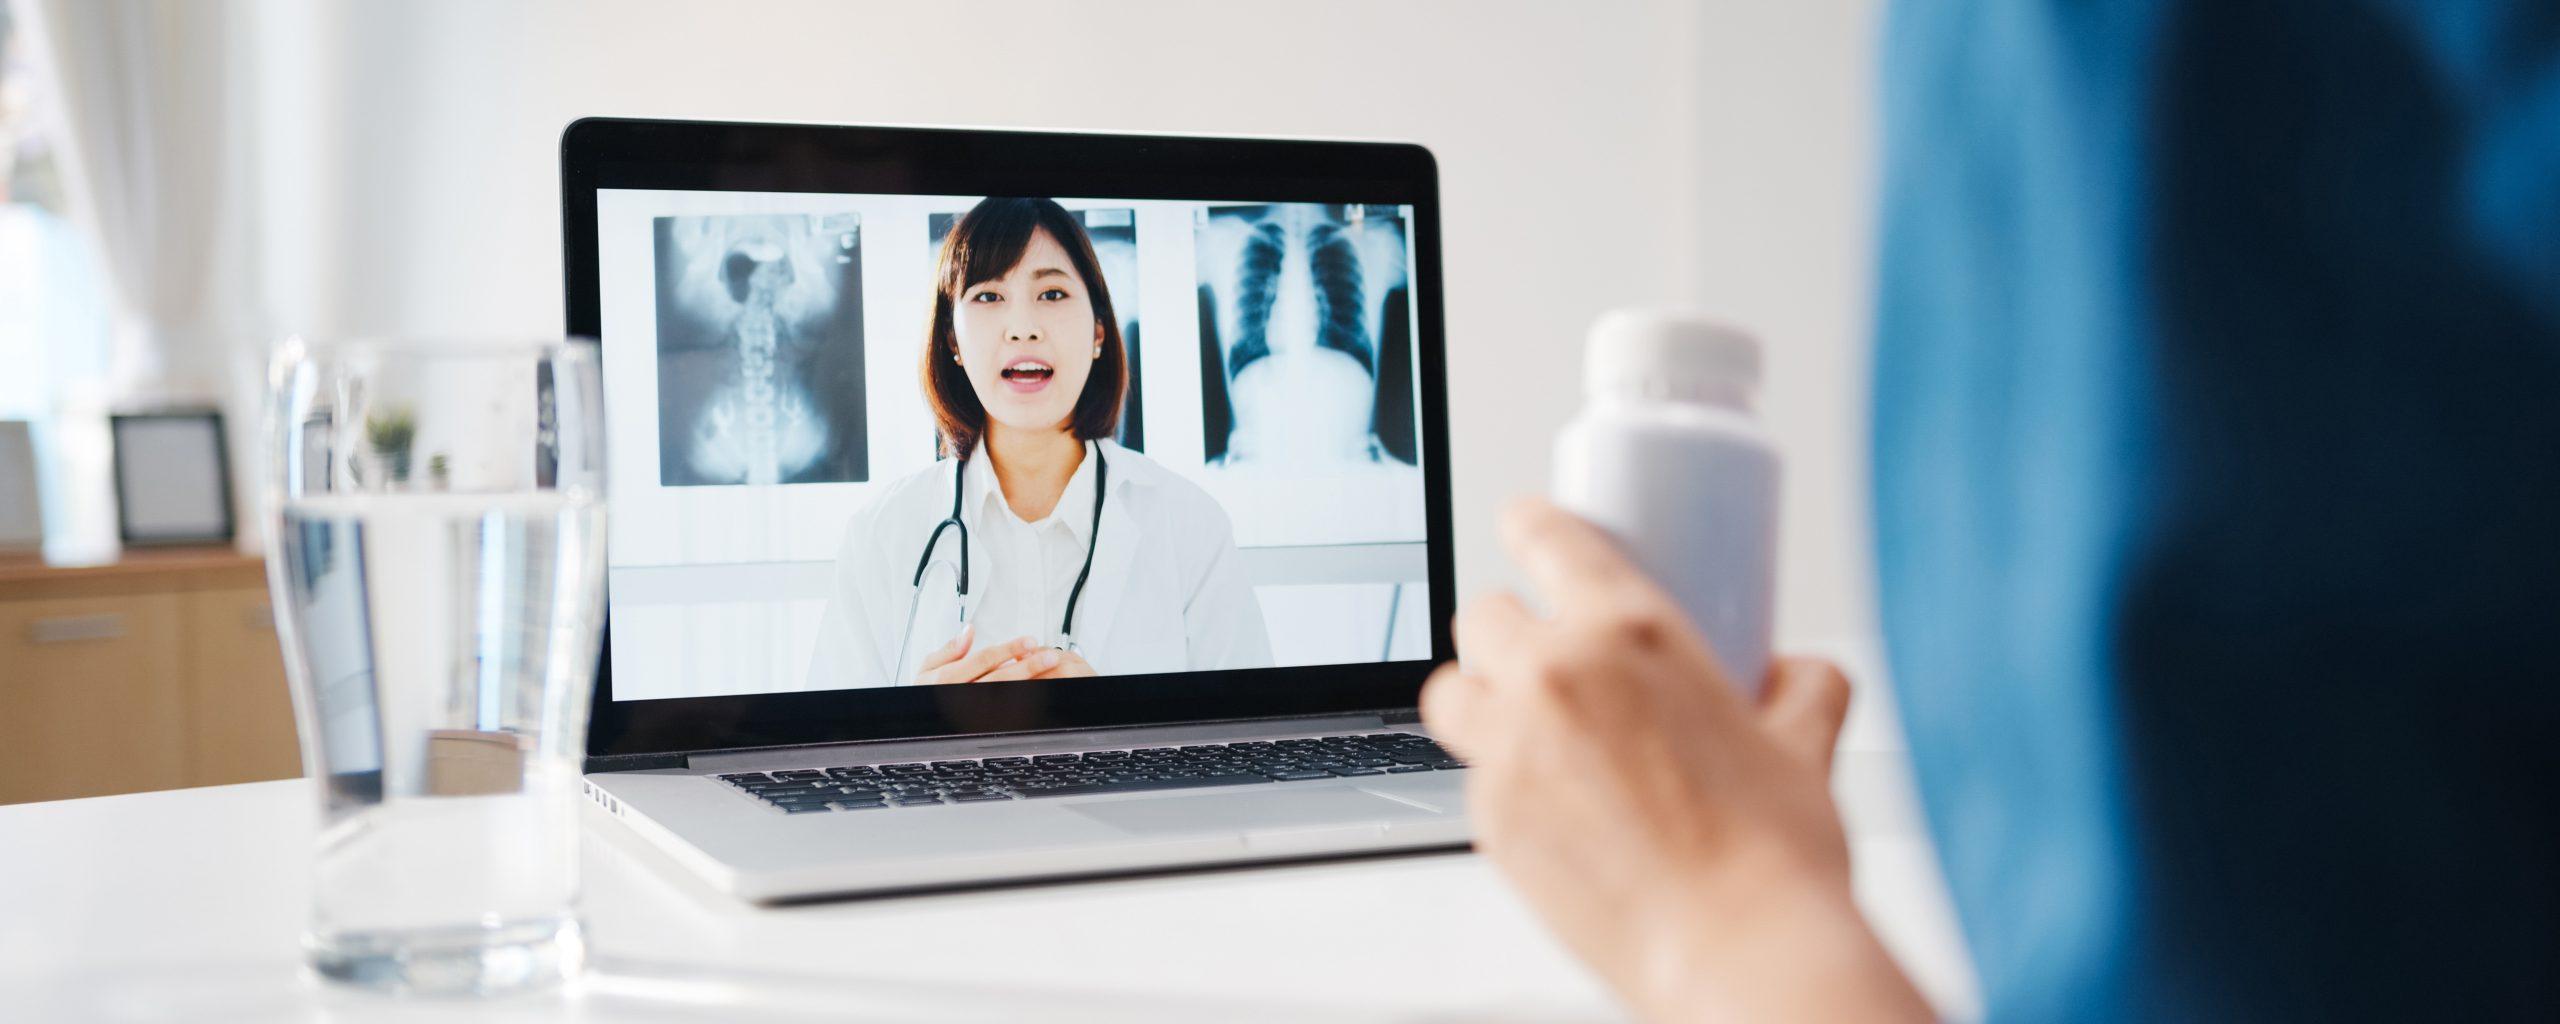 Outdoor Advertising untuk Promosi Telemedicine dan Aplikasi Kesehatan - The  Perfect Media